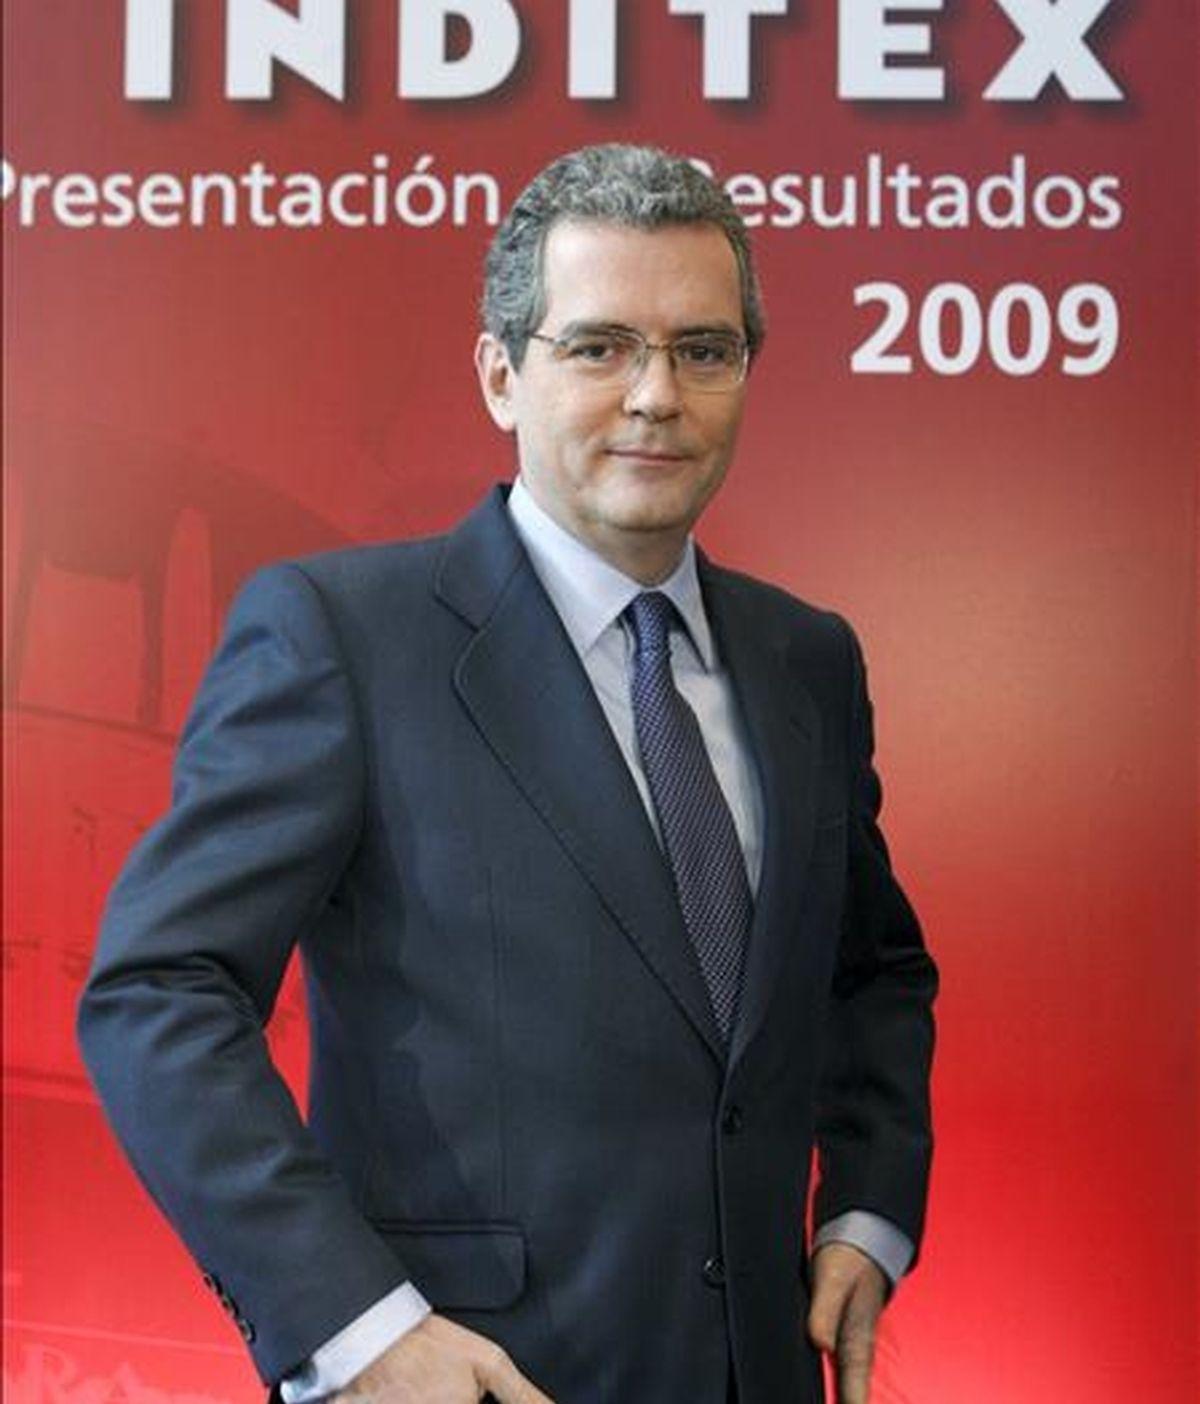 El vicepresidente de Inditex, Pablo Isla. EFE/Archivo